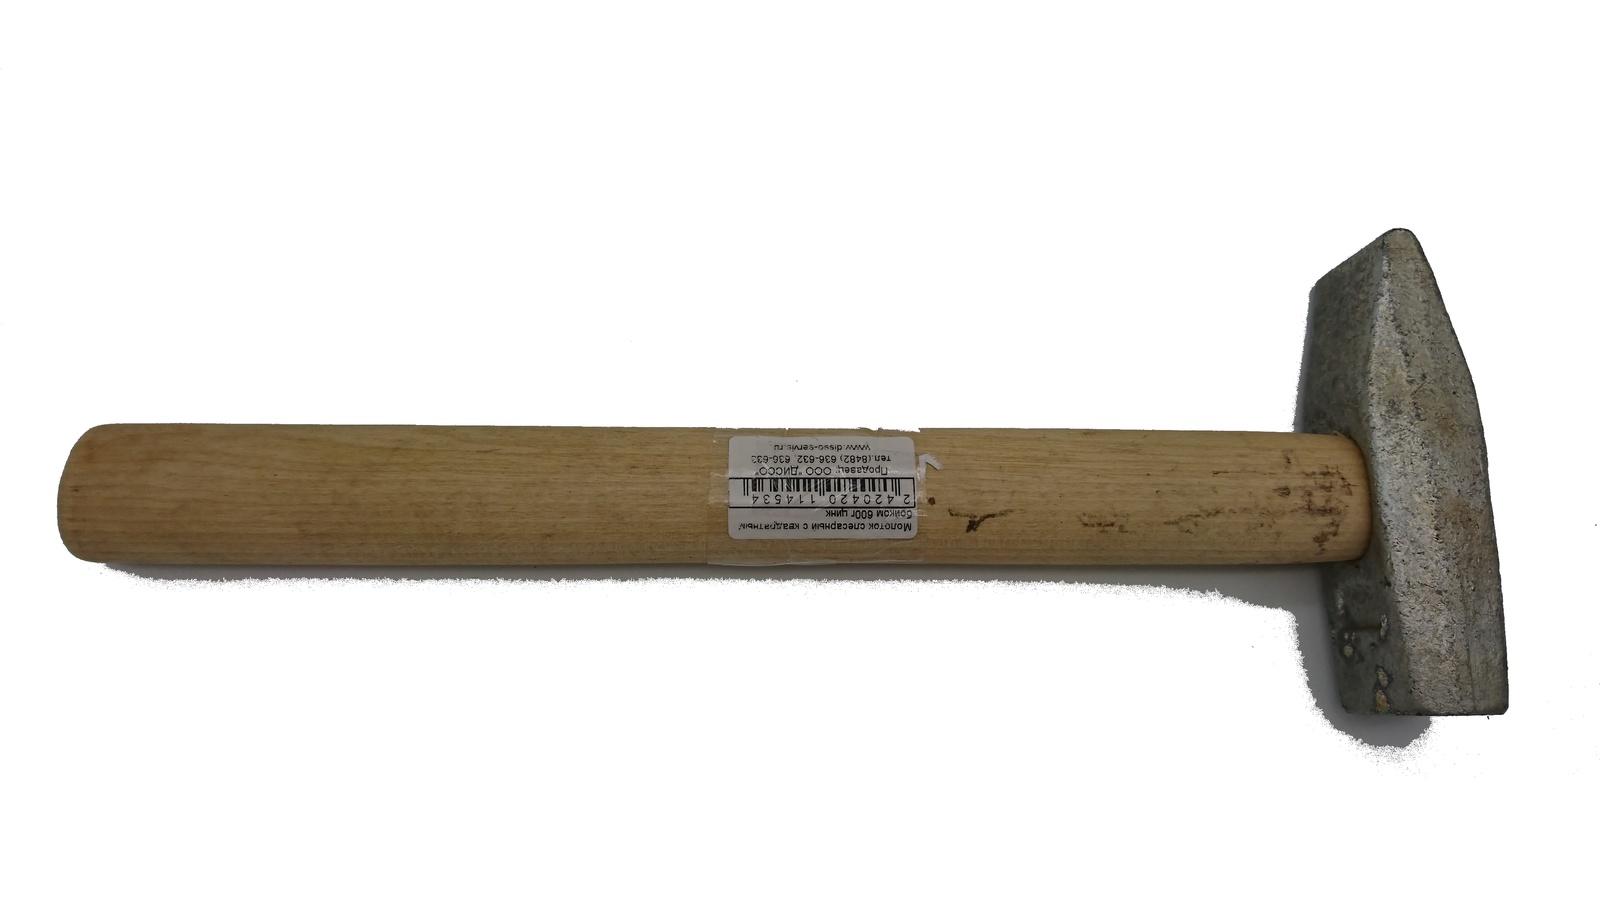 Молоток слесарный с квадратным бойком 600г цинк молоток немецкого типа santool с квадратным бойком и деревянной ручкой 600 гр 030811 060